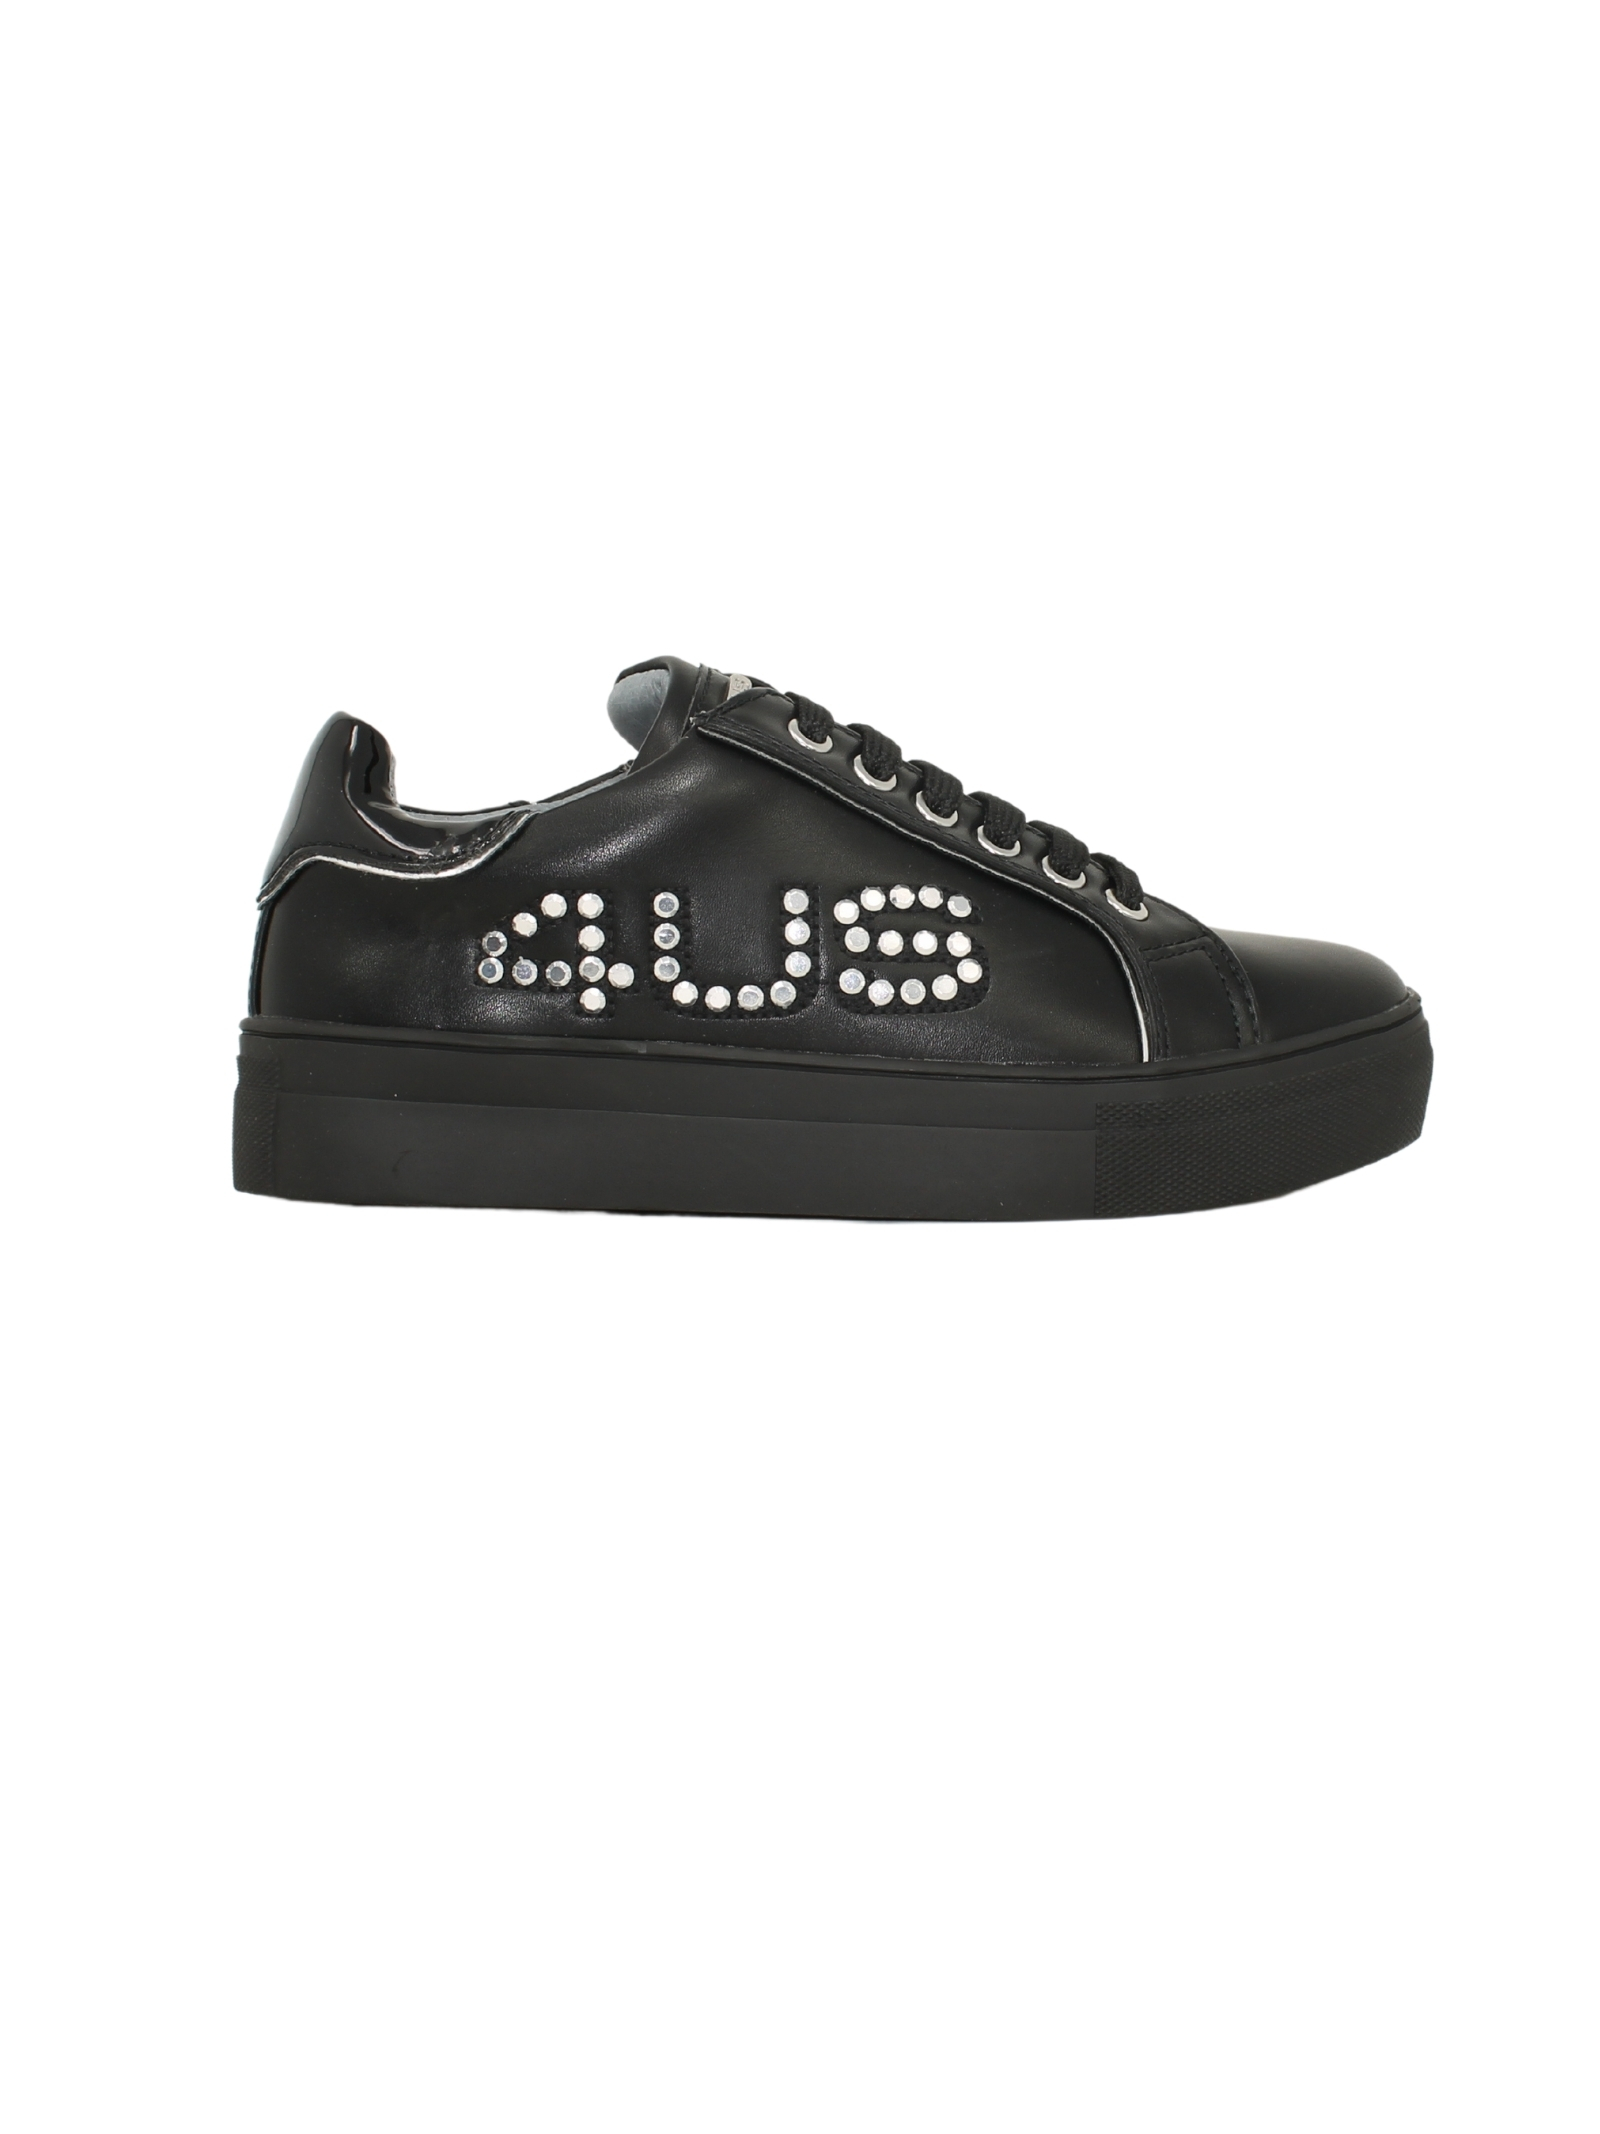 Sneakers Bassa Nera Borchie Bambina CESARE PACIOTTI | Sneakers | 4U064BNERO